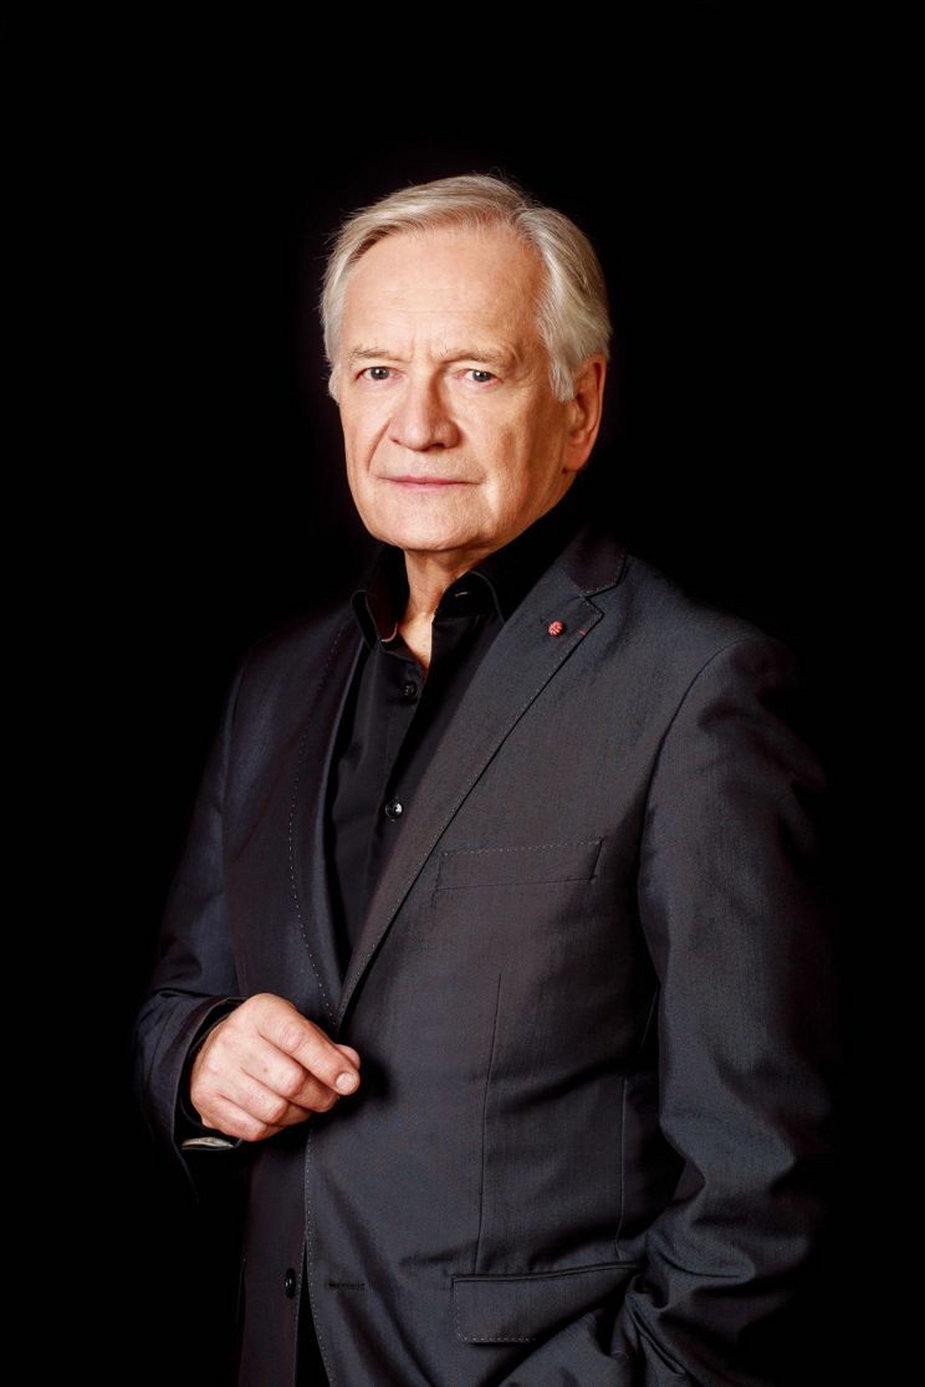 fot. Krzysztof Bieliński